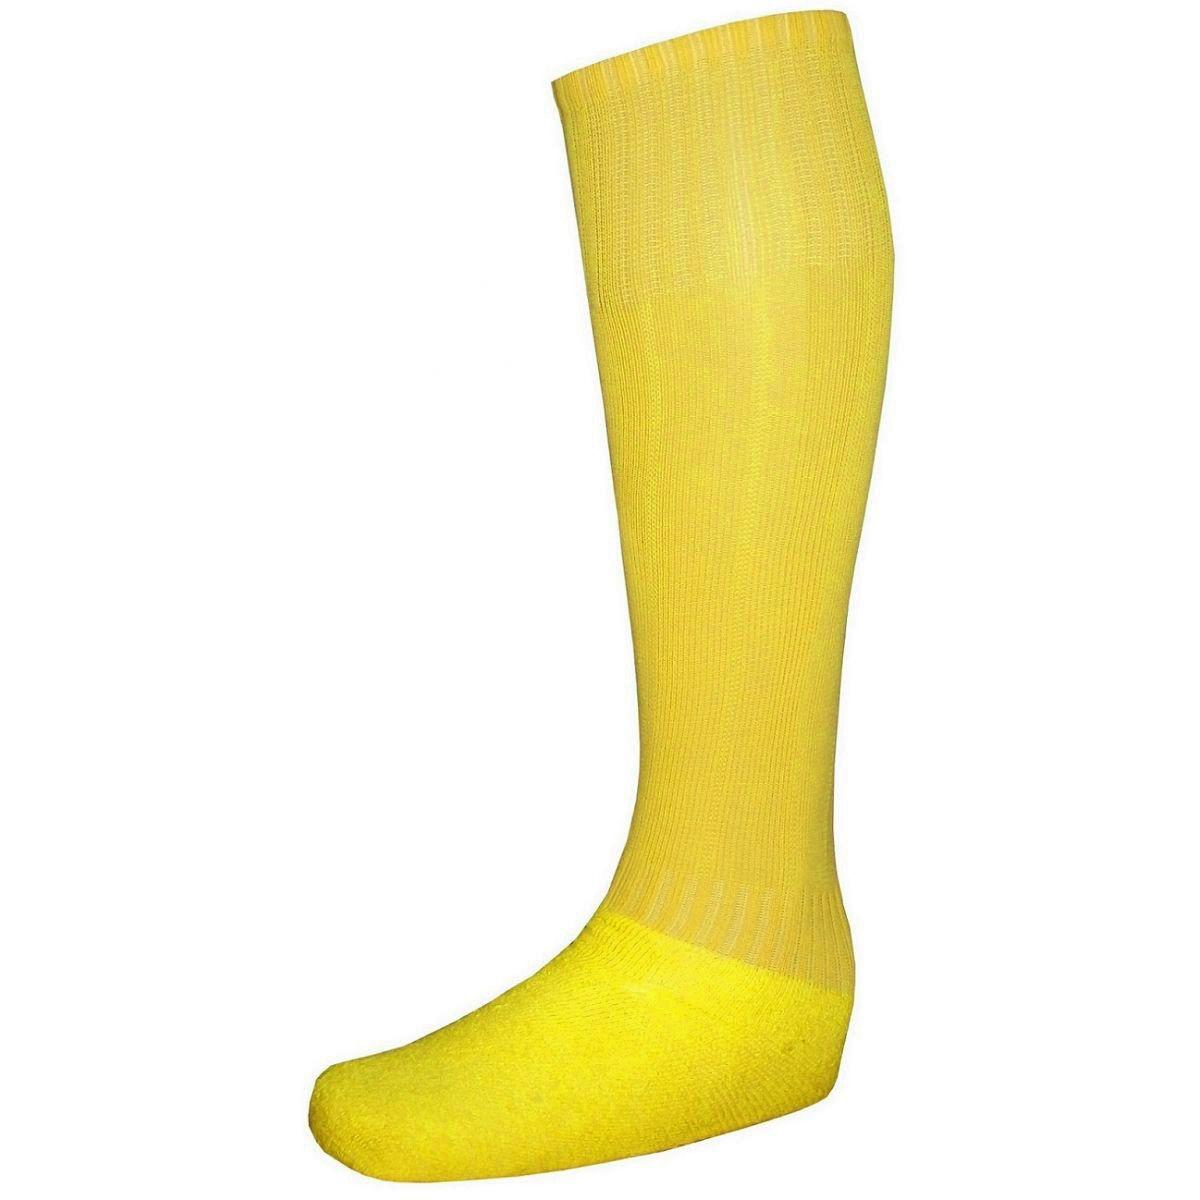 Uniforme Esportivo com 18 camisas modelo Roma Amarelo/Preto + 18 calções modelo Copa Preto/Amarelo + 18 pares de meiões Amarelo